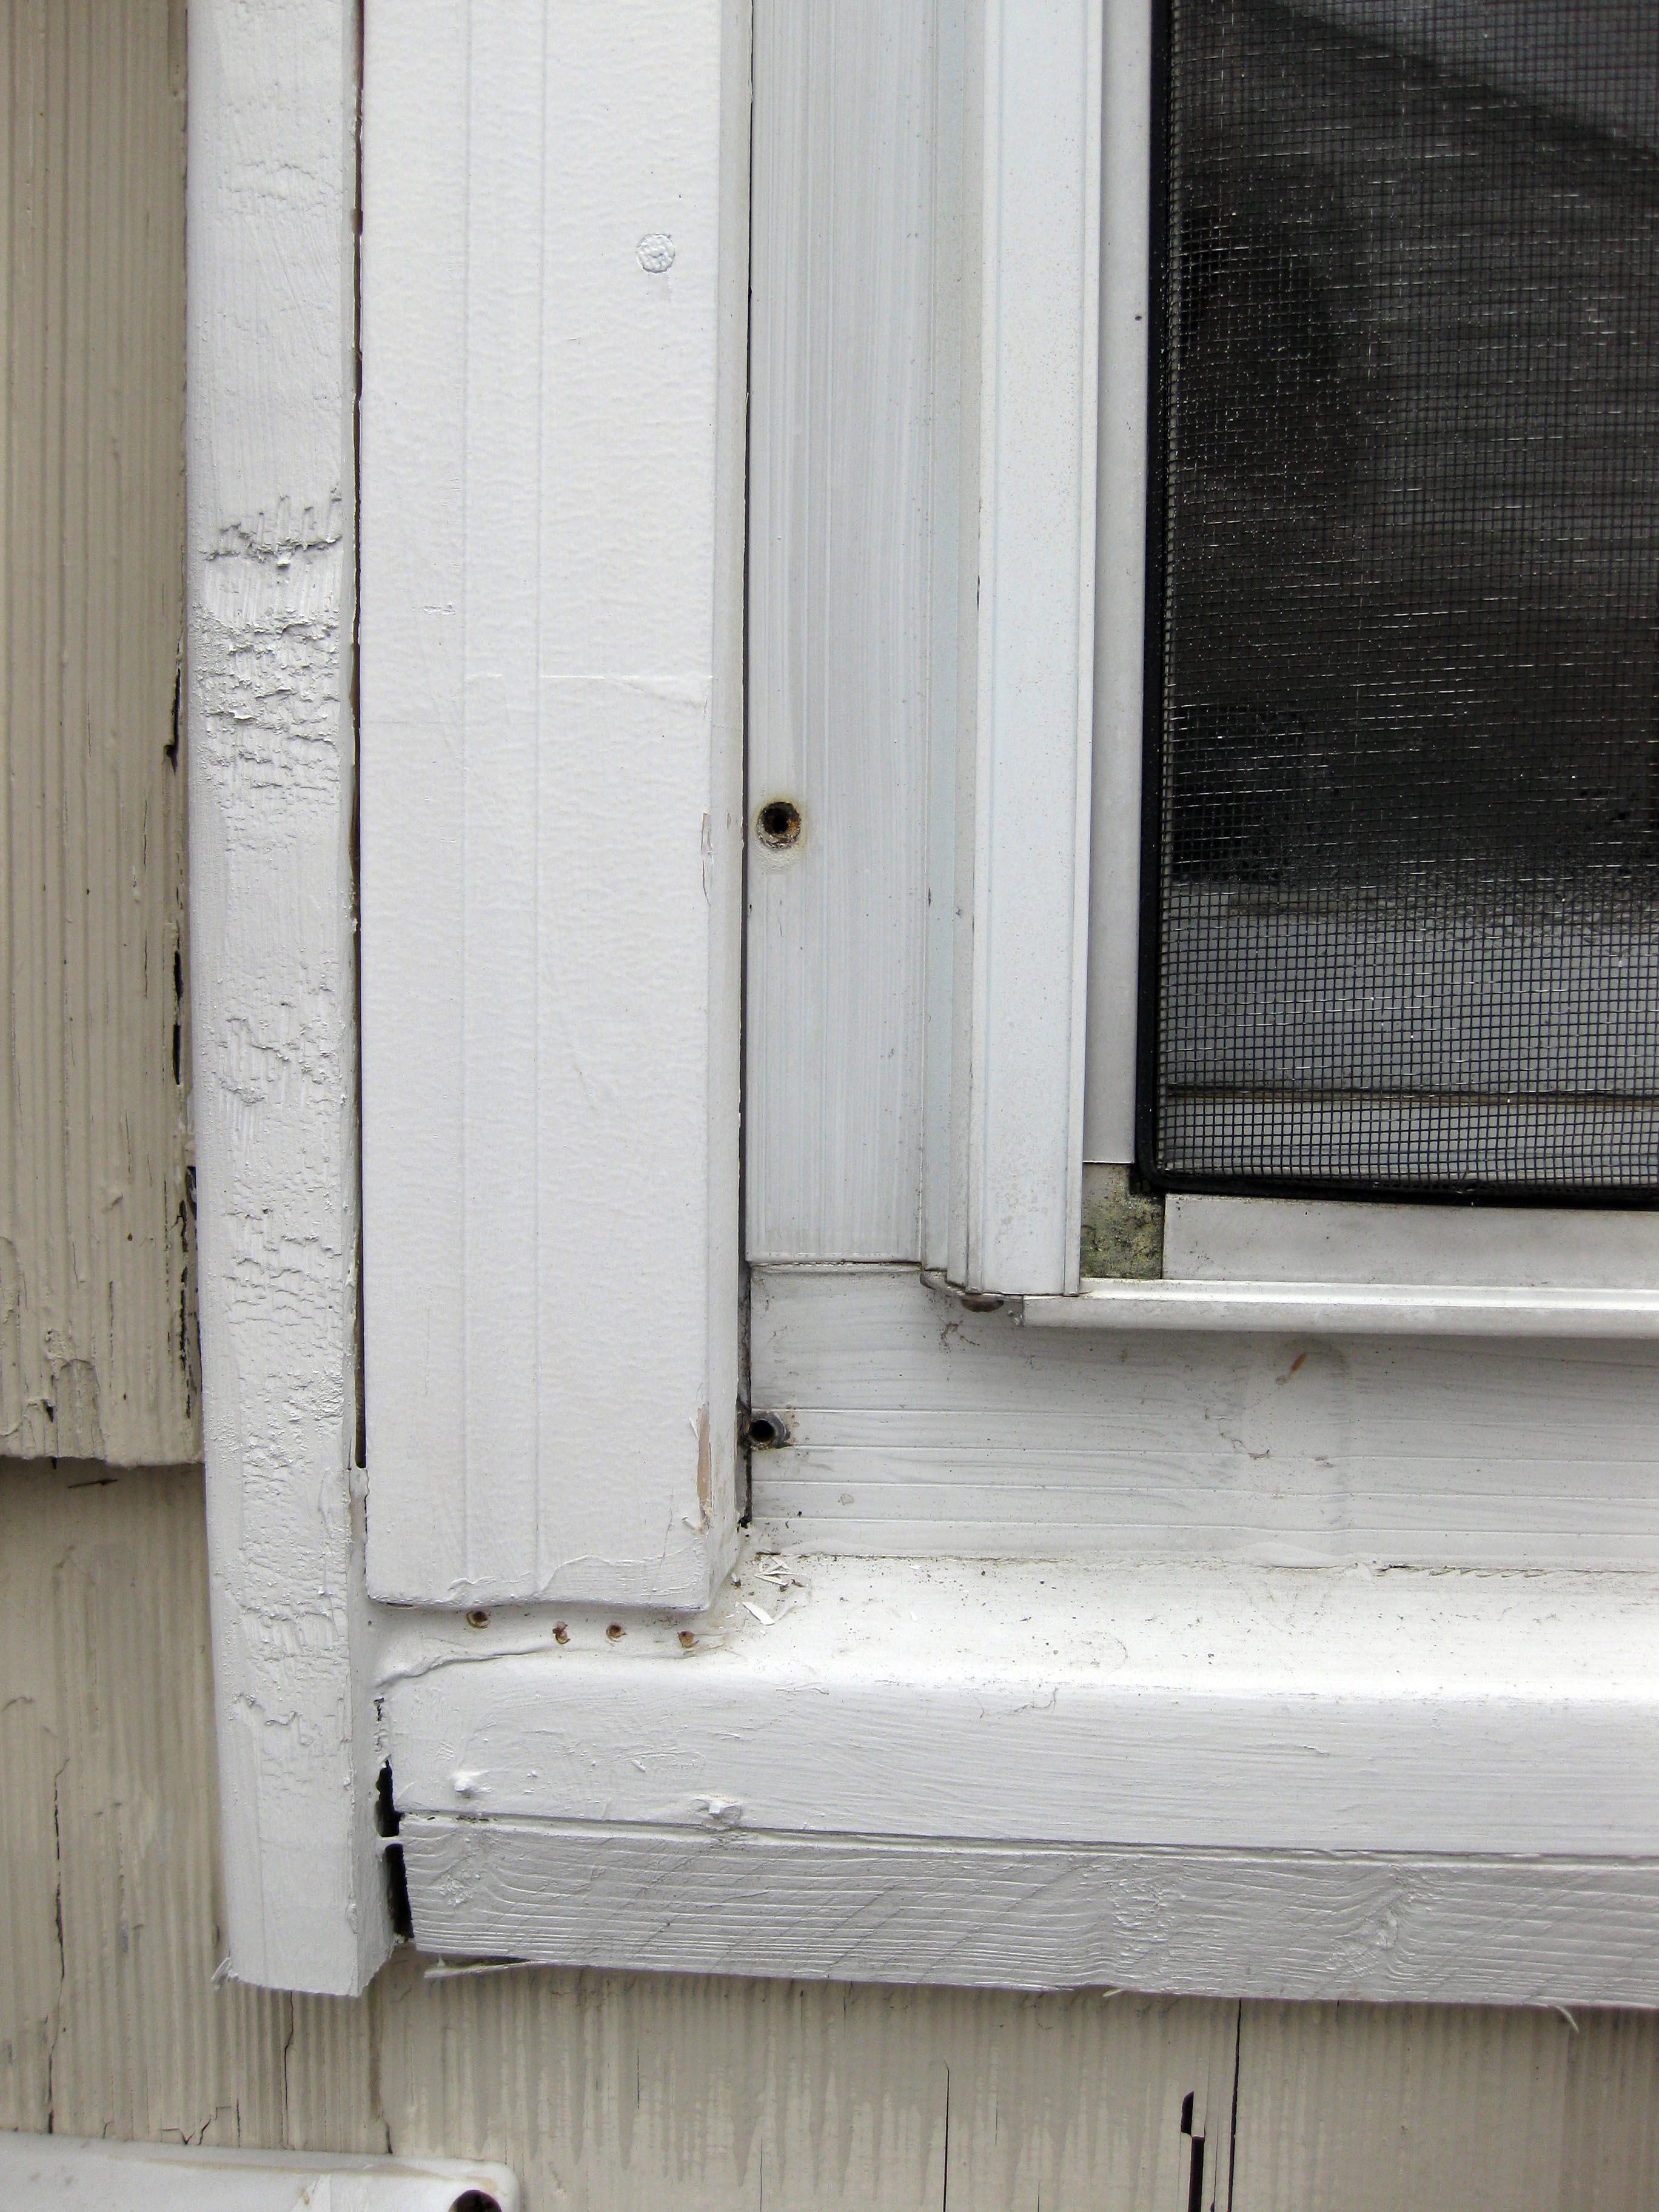 Window trim exterior vinyl - First